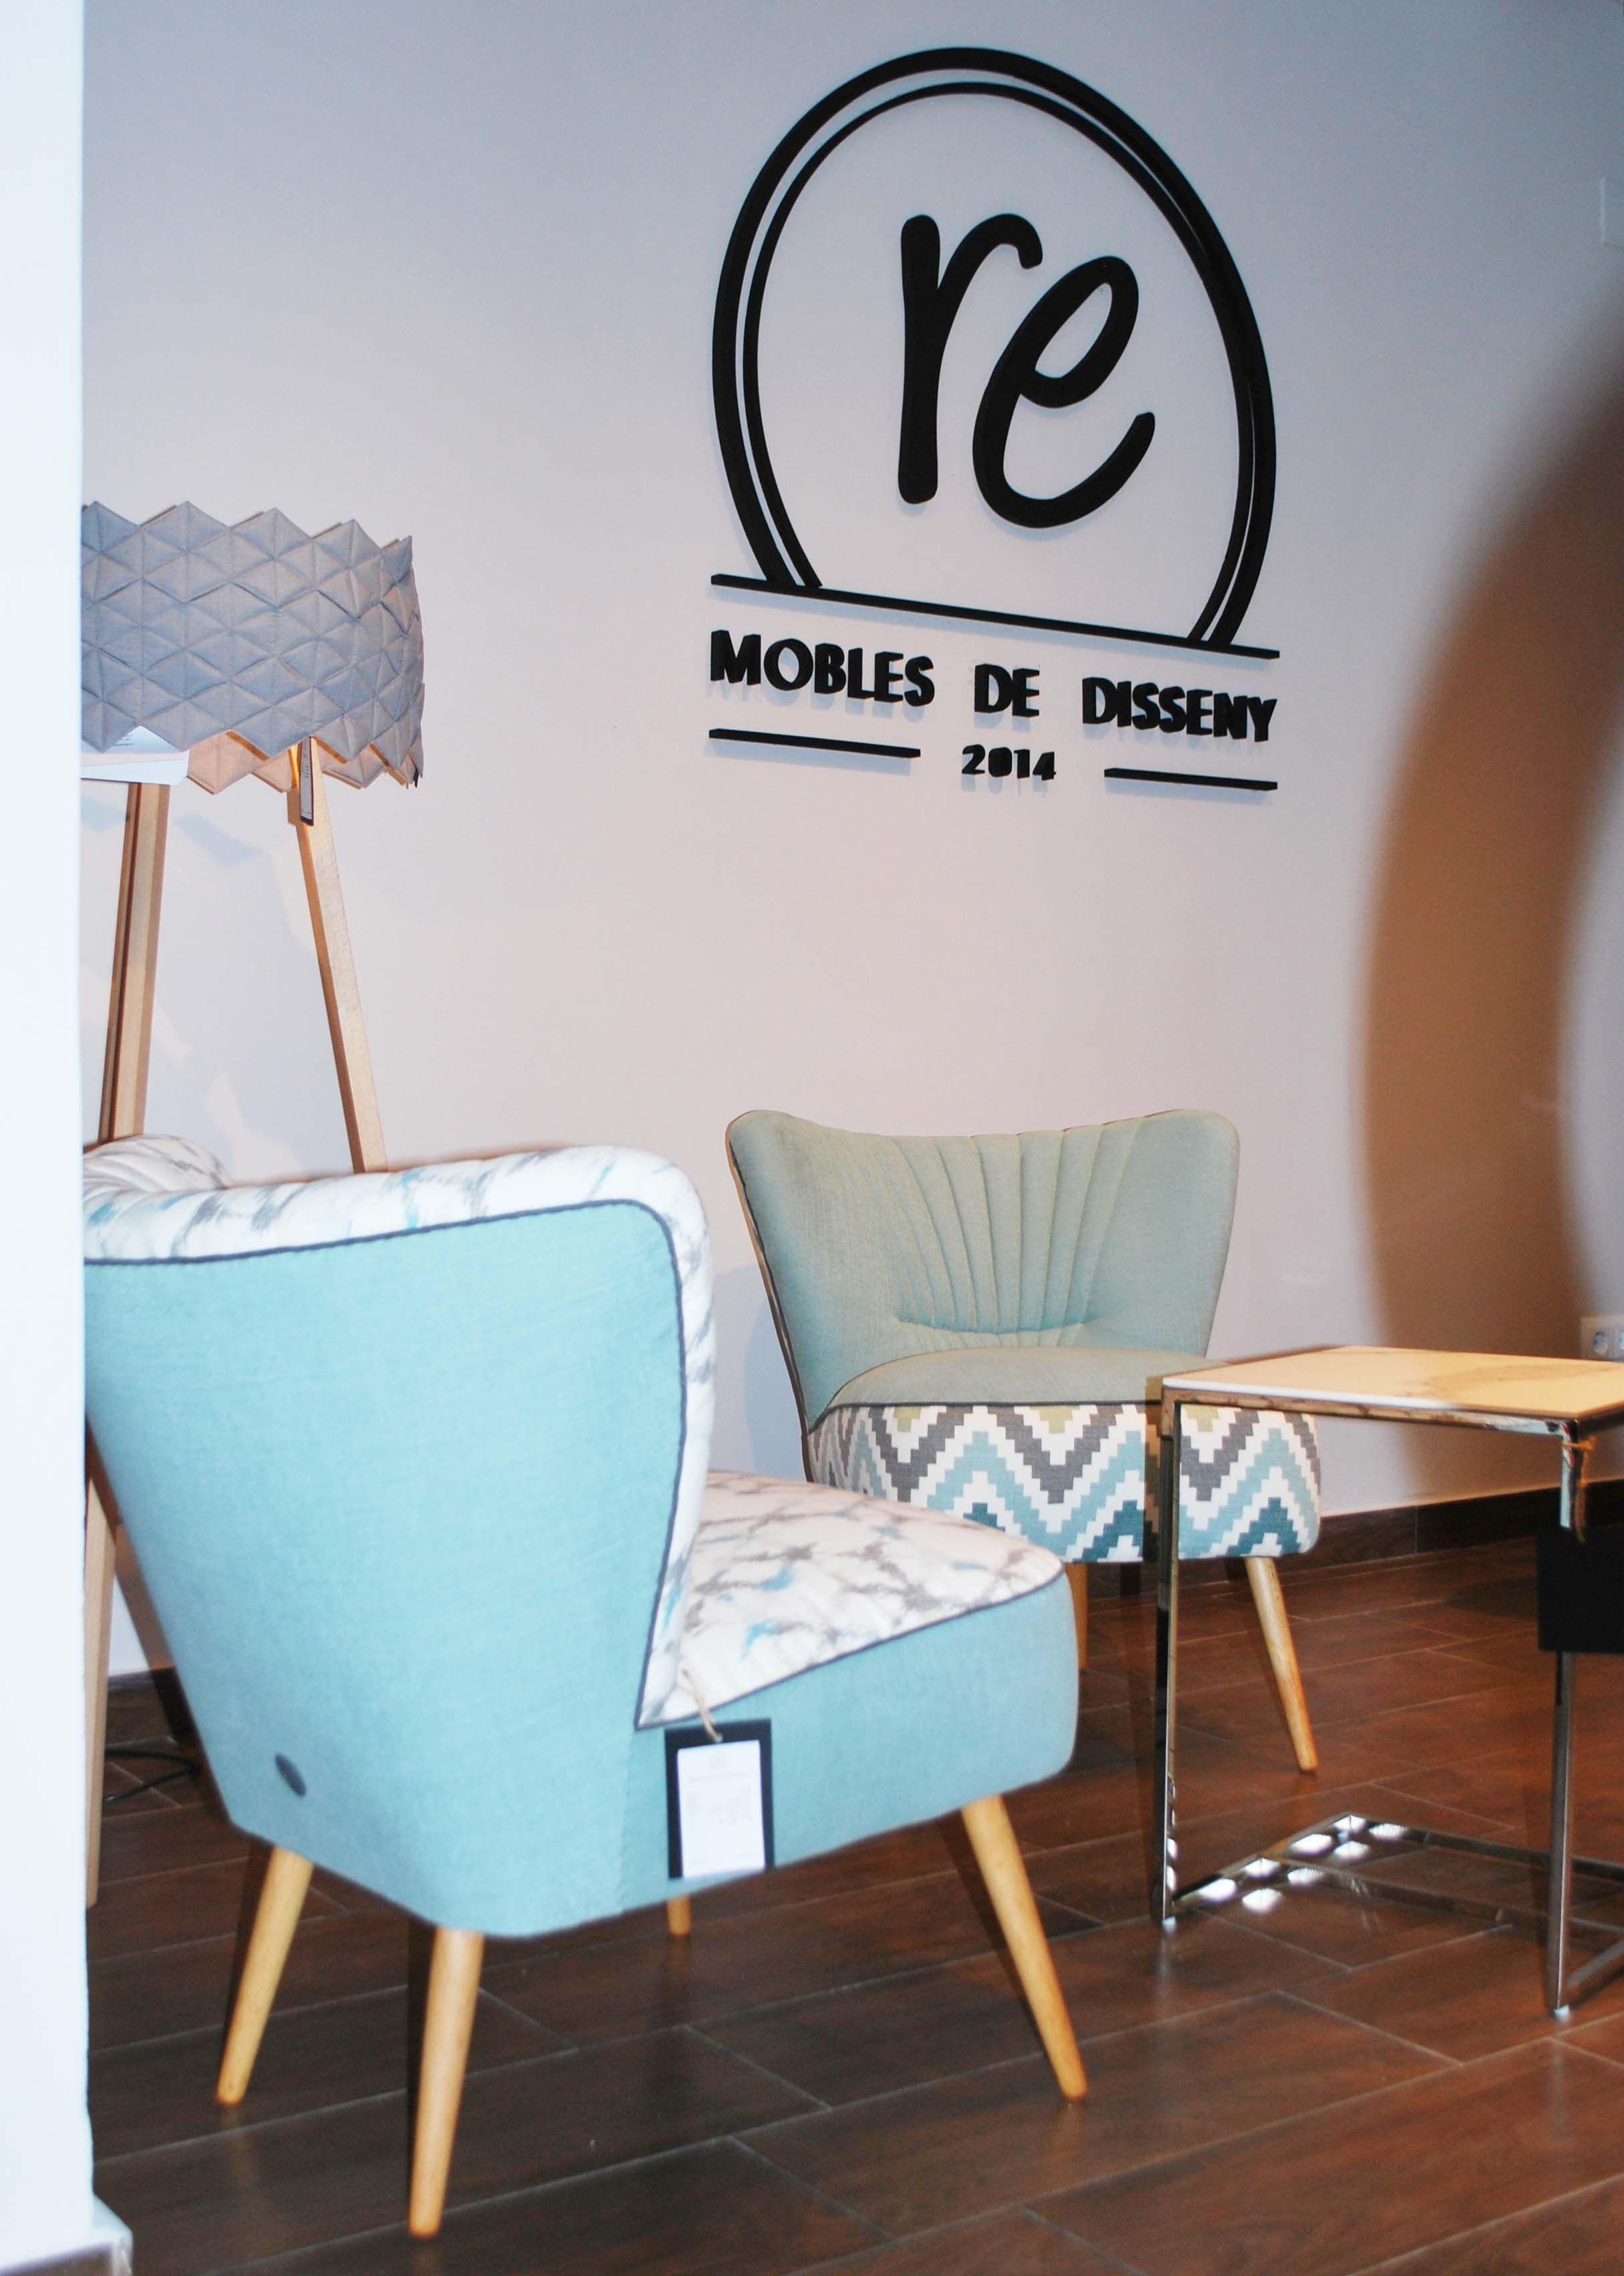 Butaca Dise O Decoracion Interiores Muebles Barcelona Vintage  # Ideas Muebles Barcelona